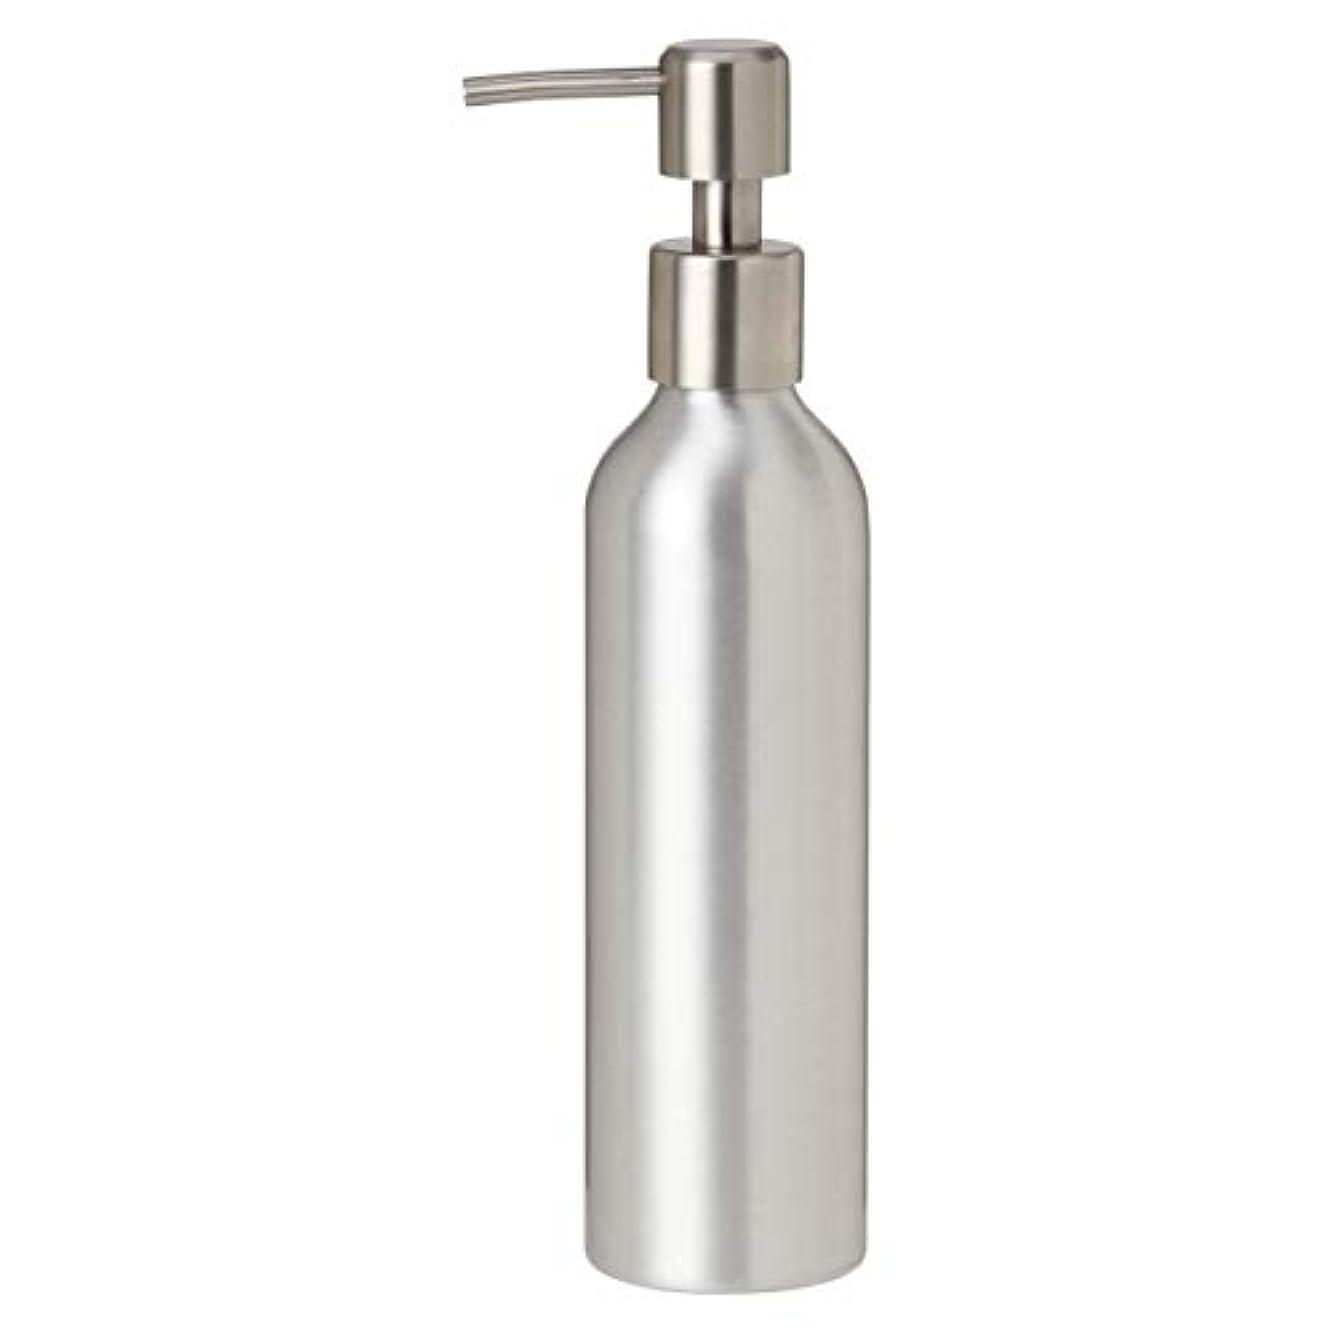 召集するビートペルソナアルミポンプボトル 250mL [ オイルウォーマー オイルトリートメント オイルボトル マッサージオイル アロママッサージオイル ボディマッサージオイル ボディオイル アロマオイル ]